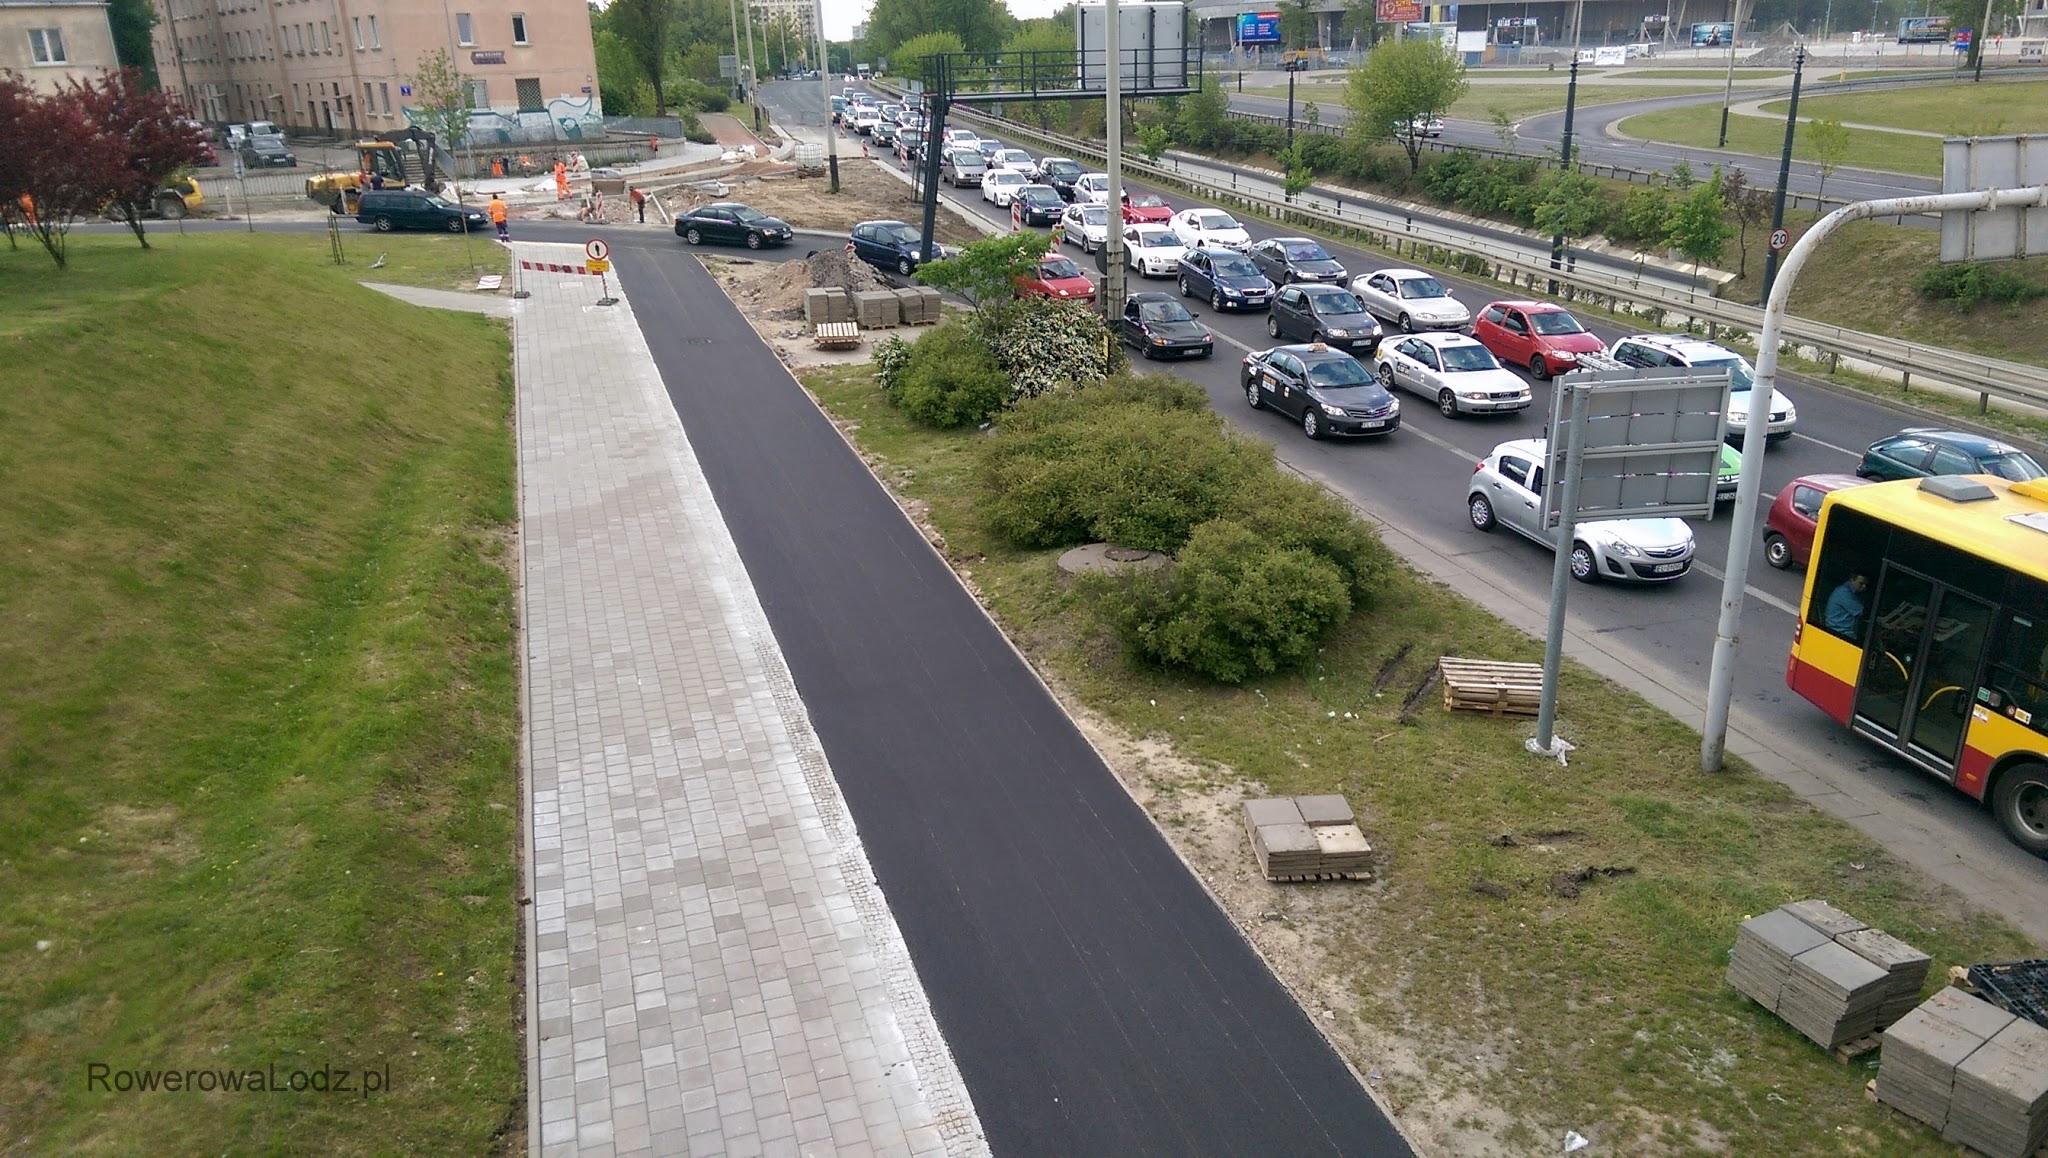 Częste widoki - korki samochodowe a obok wolna od korków droga dla rowerów. Niebawem z rowerzystami ale nadal bez korków!